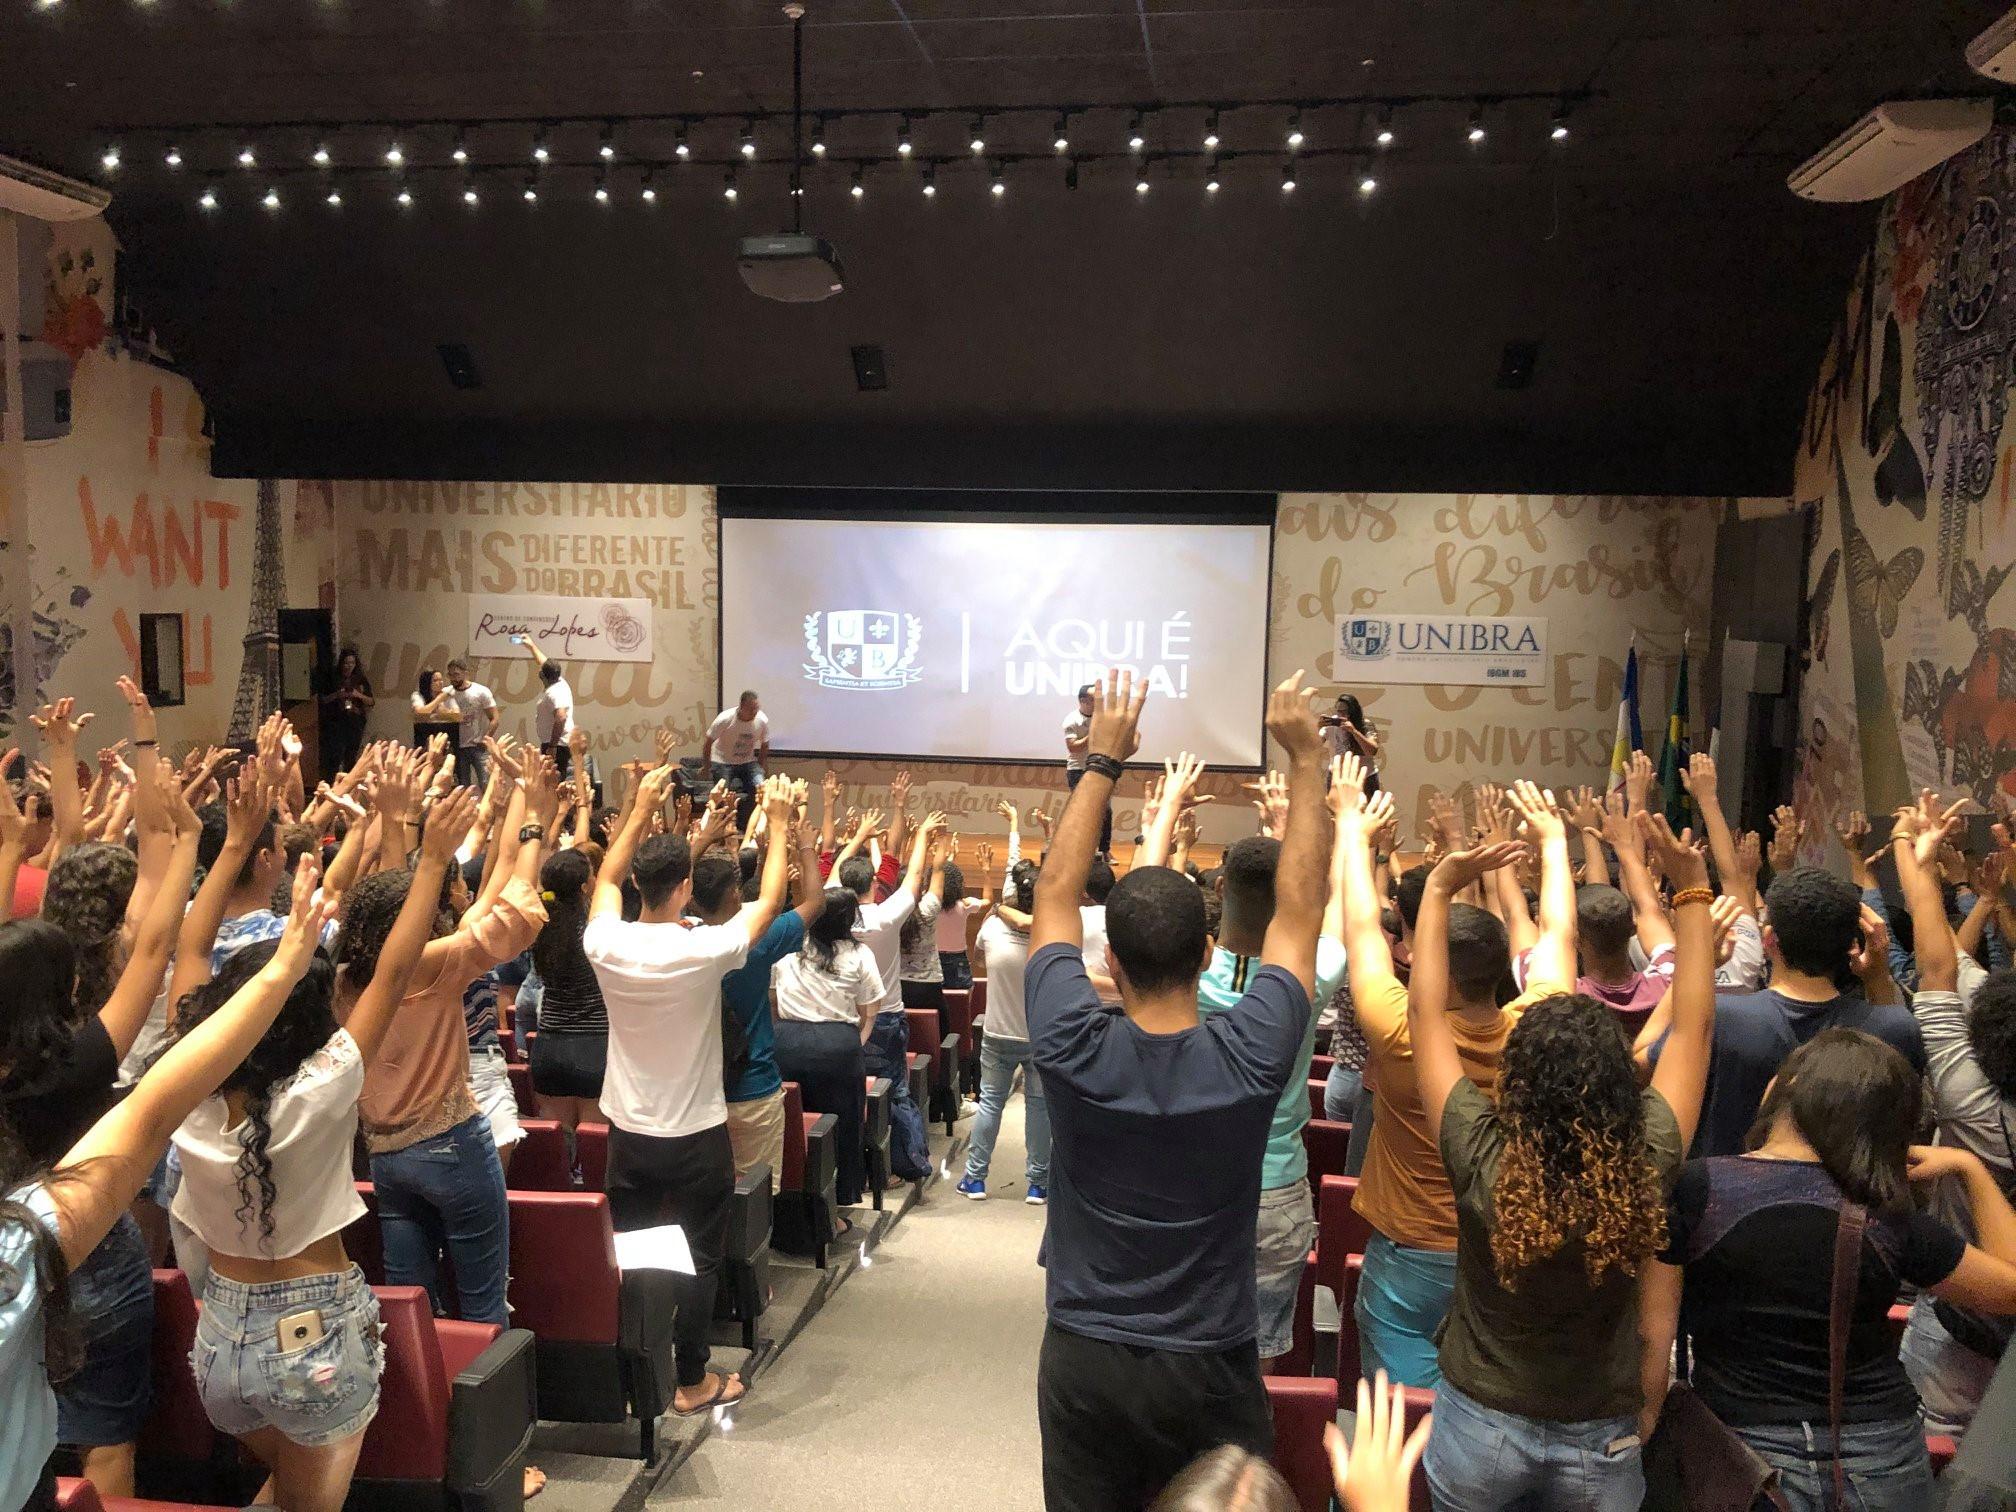 plantão pré-enem 2019, grupo máximo educacional e unibra